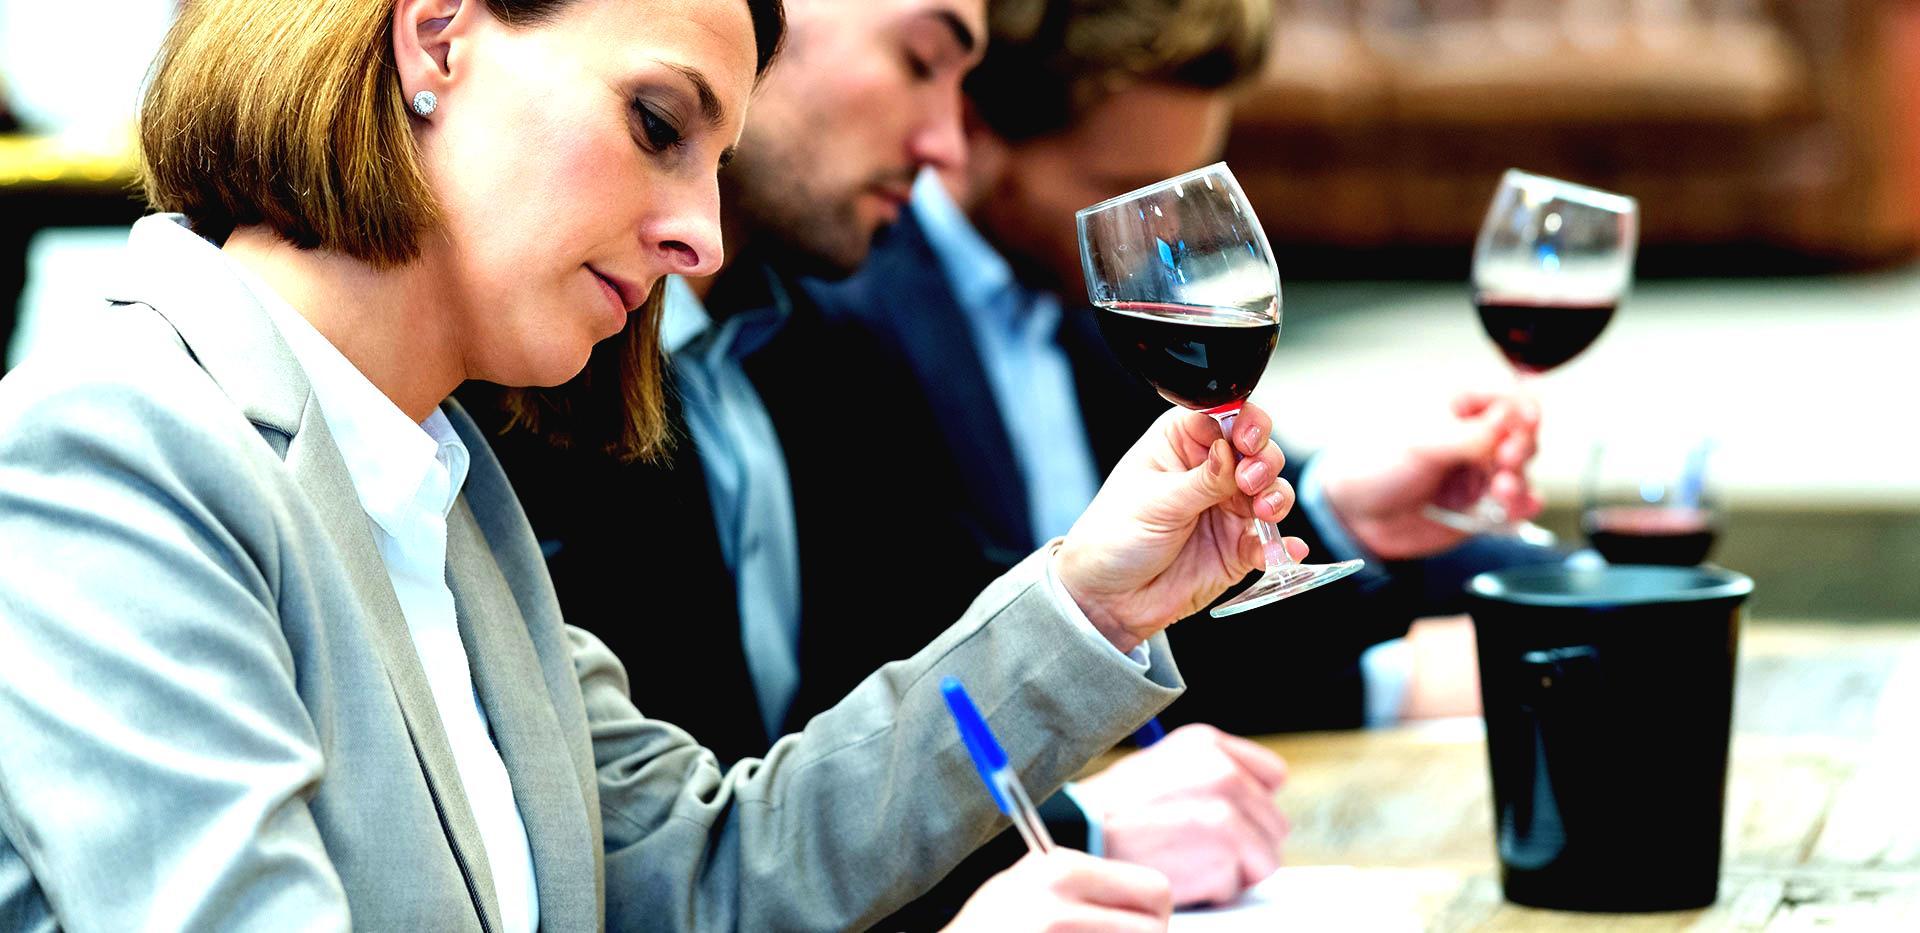 Catadores en un concurso de vinos.